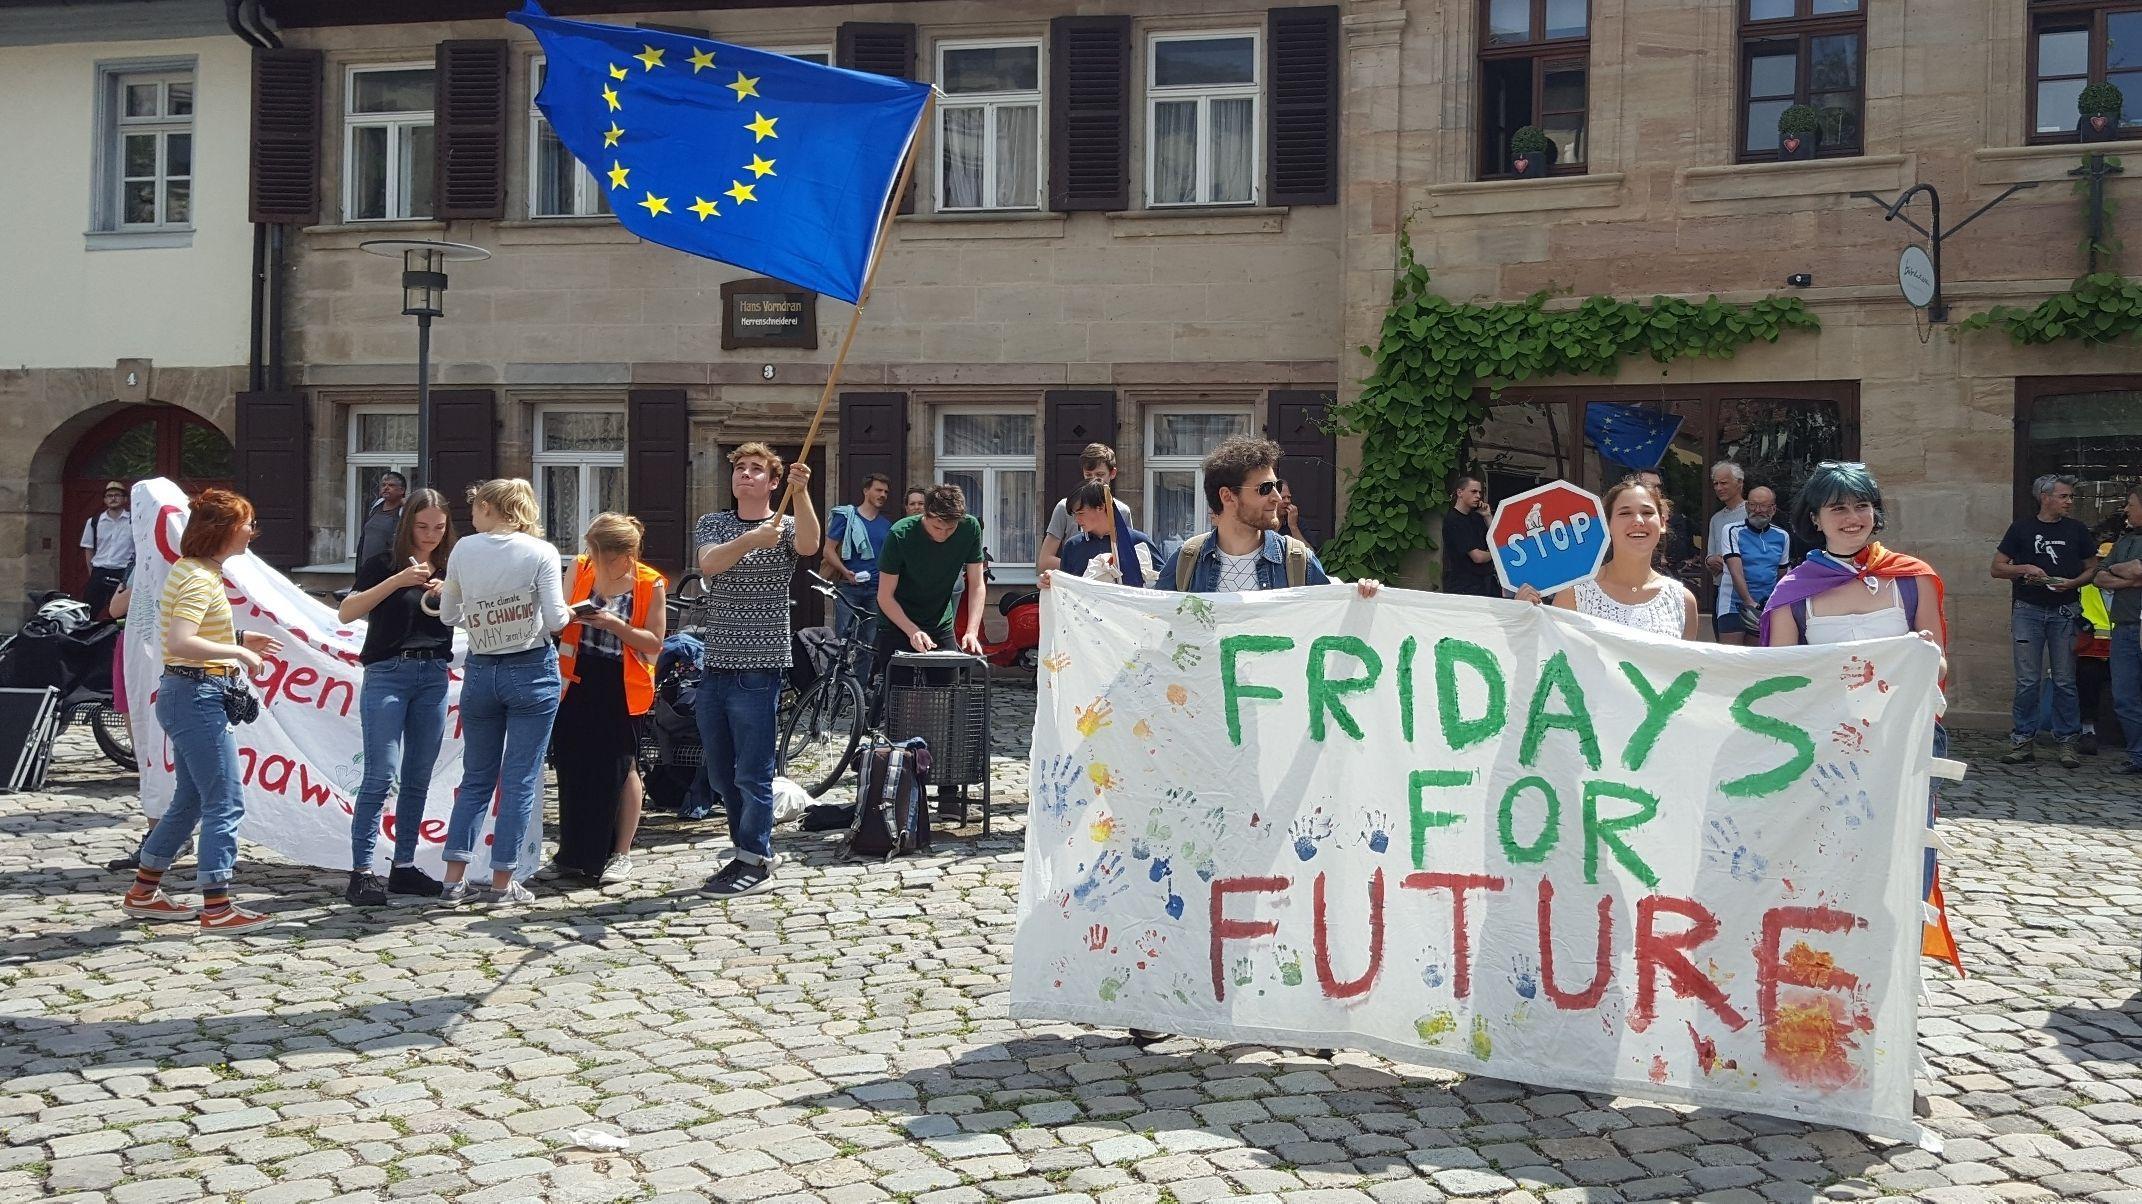 Jugendliche und Studenten demonstrieren in Erlangen mit Plakaten für mehr Klimaschutz